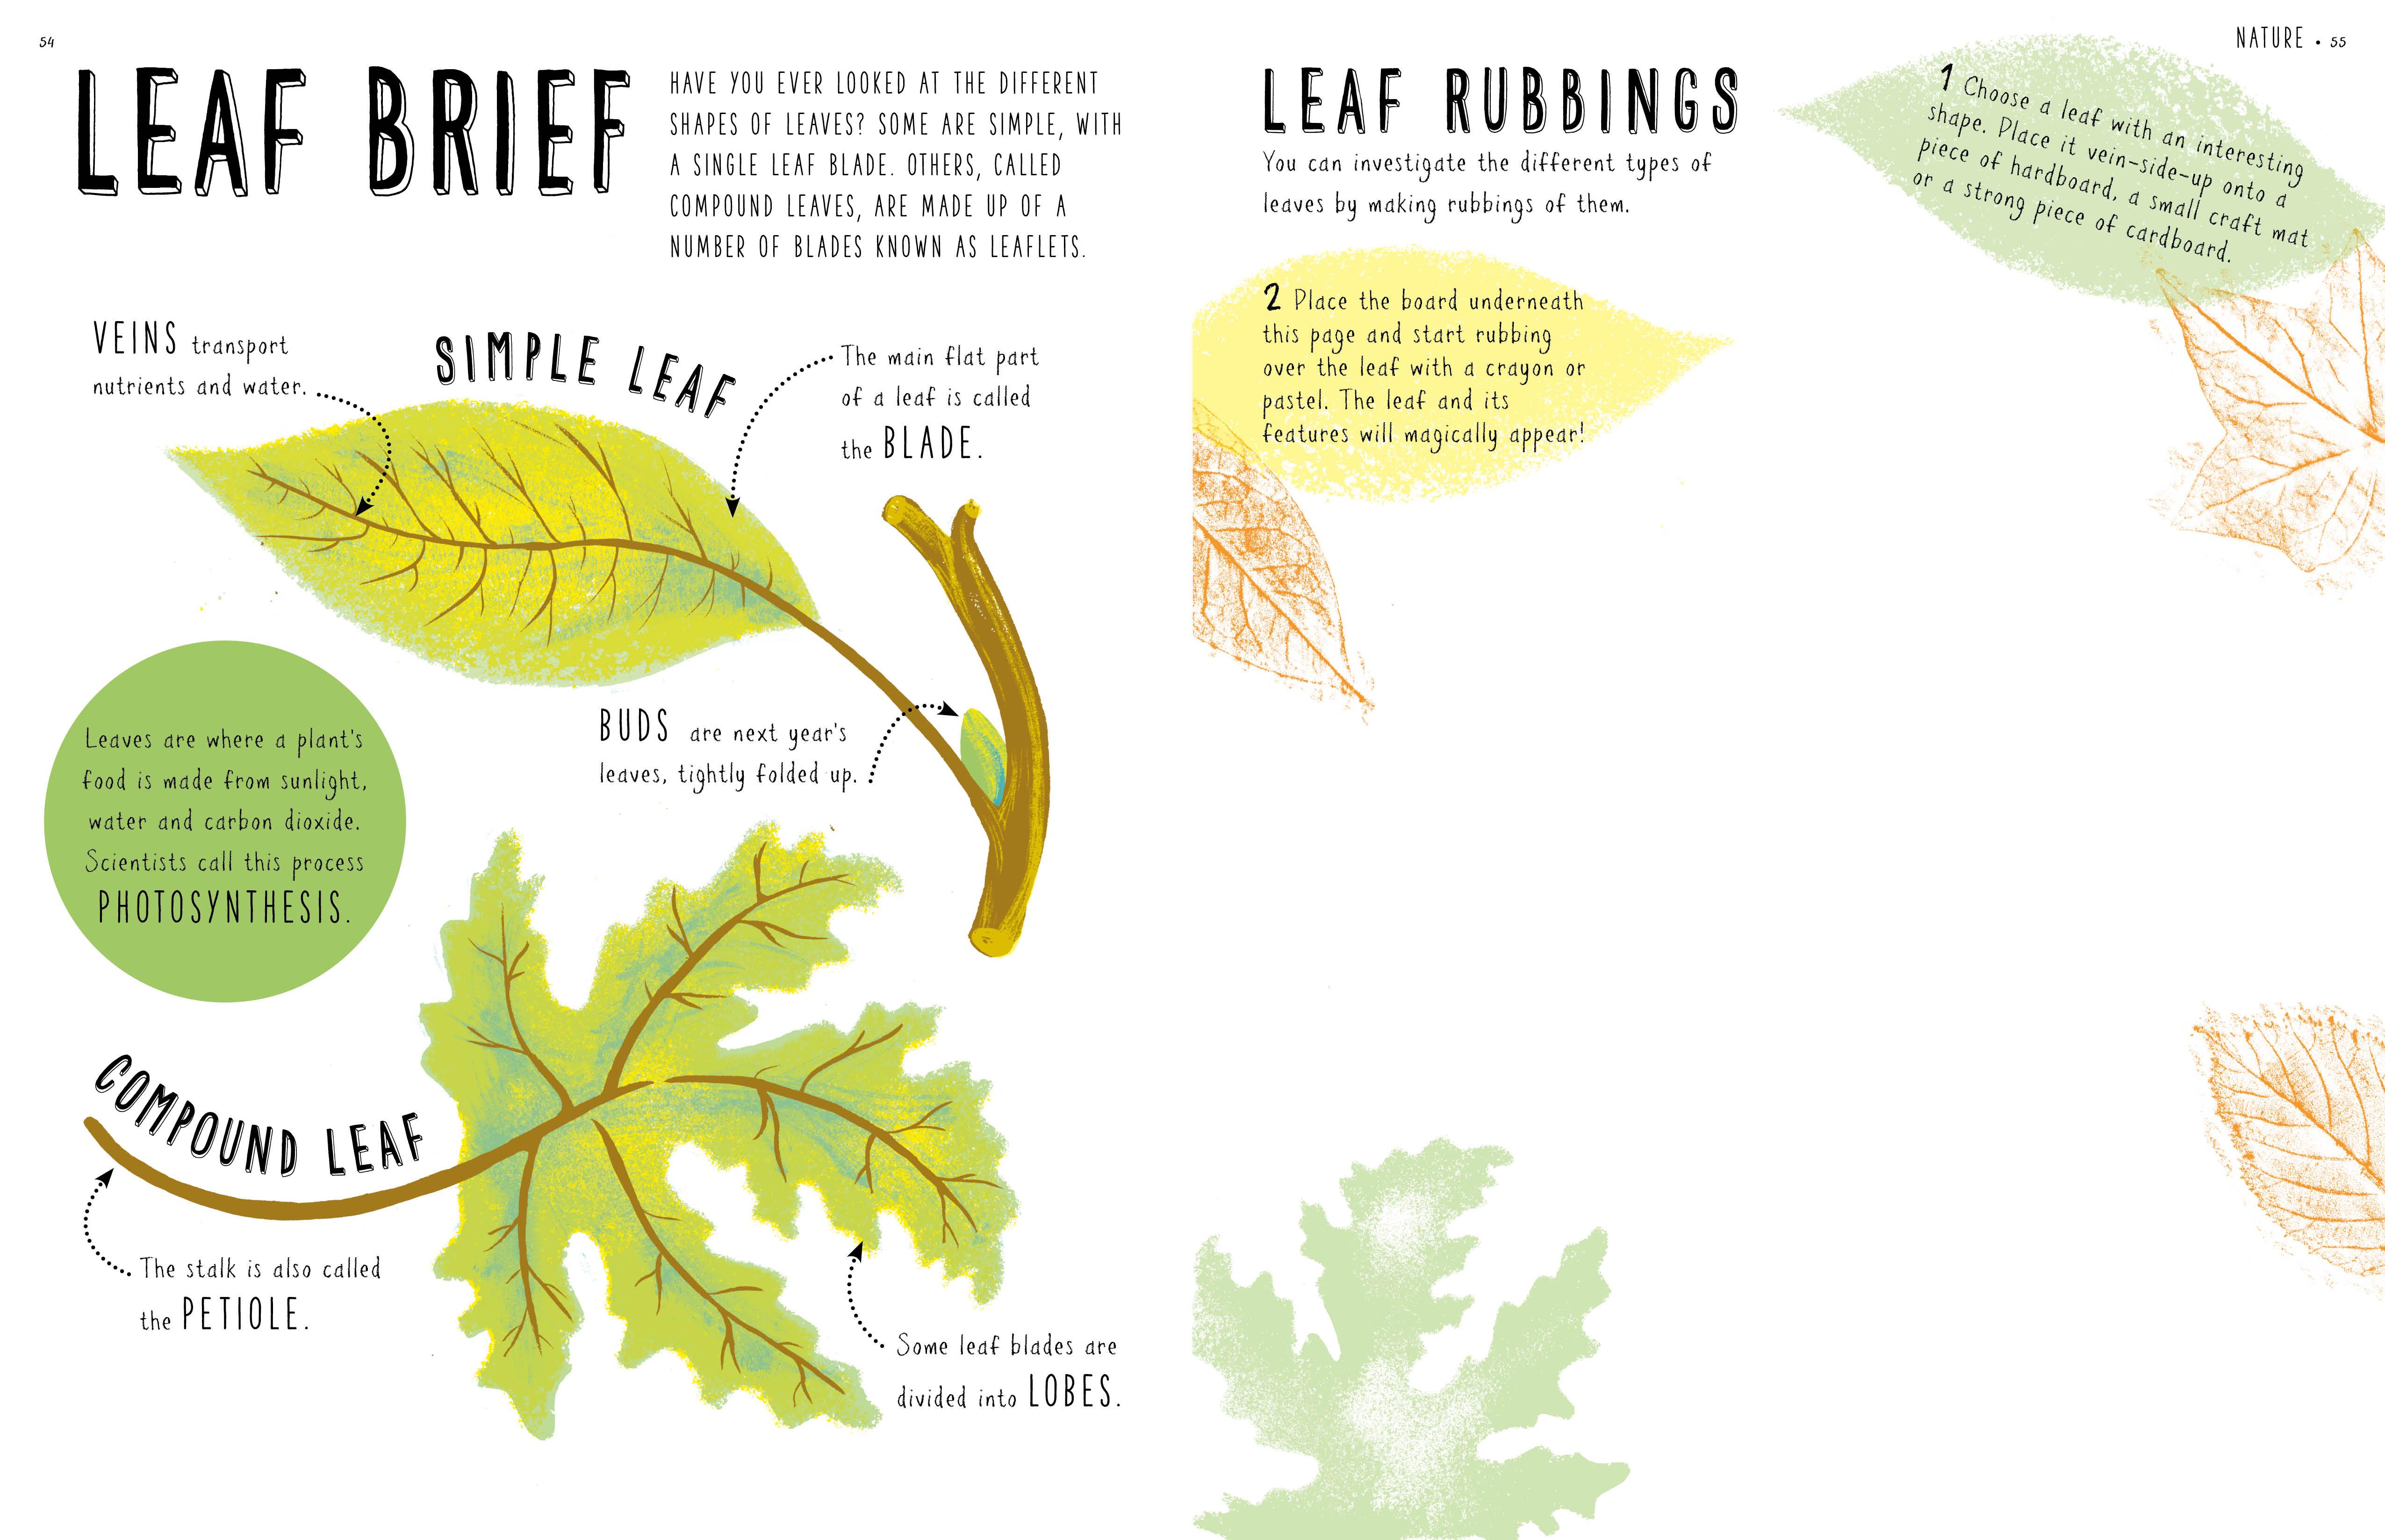 Make leaf rubbings